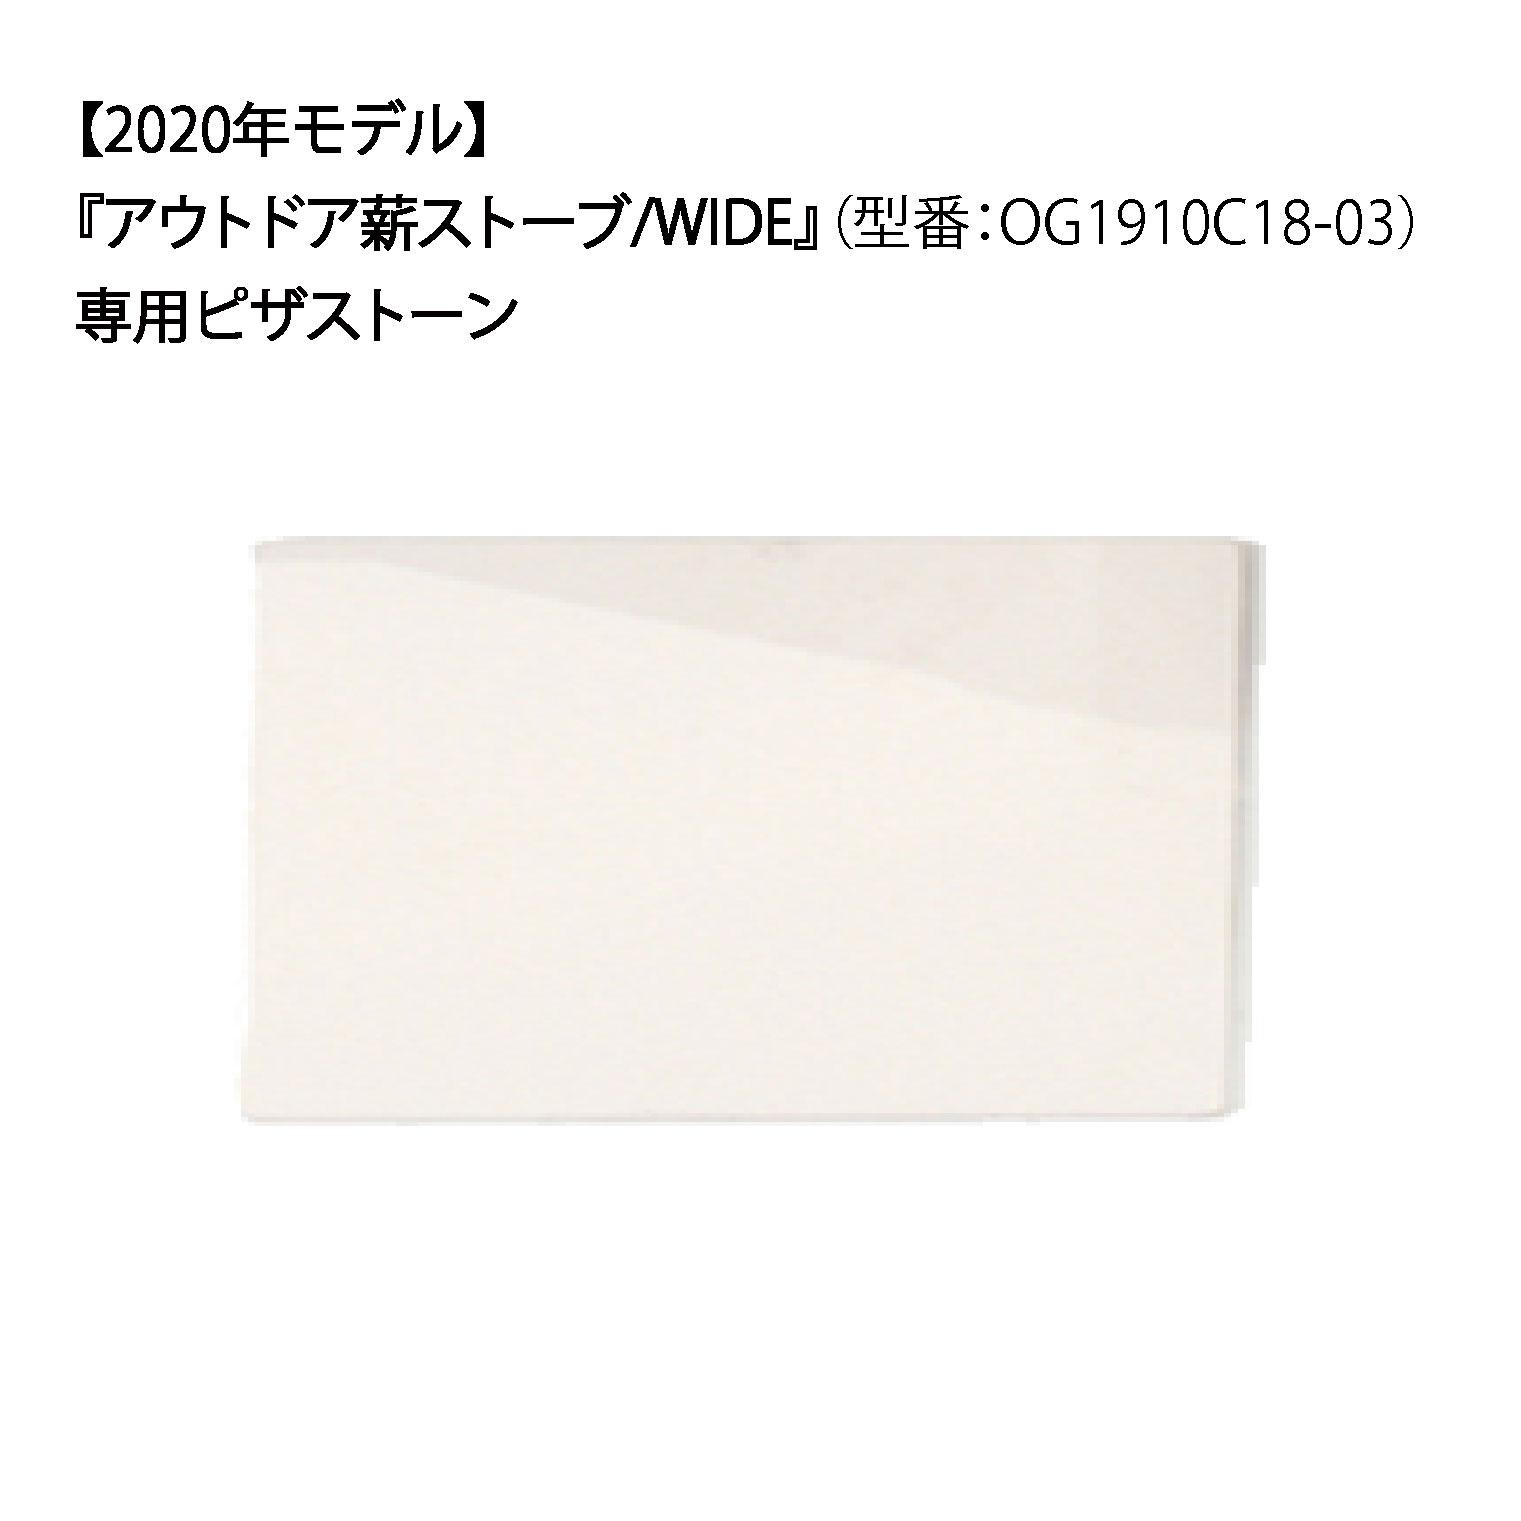 【12月上旬頃発送予定!】Locomo ワイドストーブ用ピザストーン